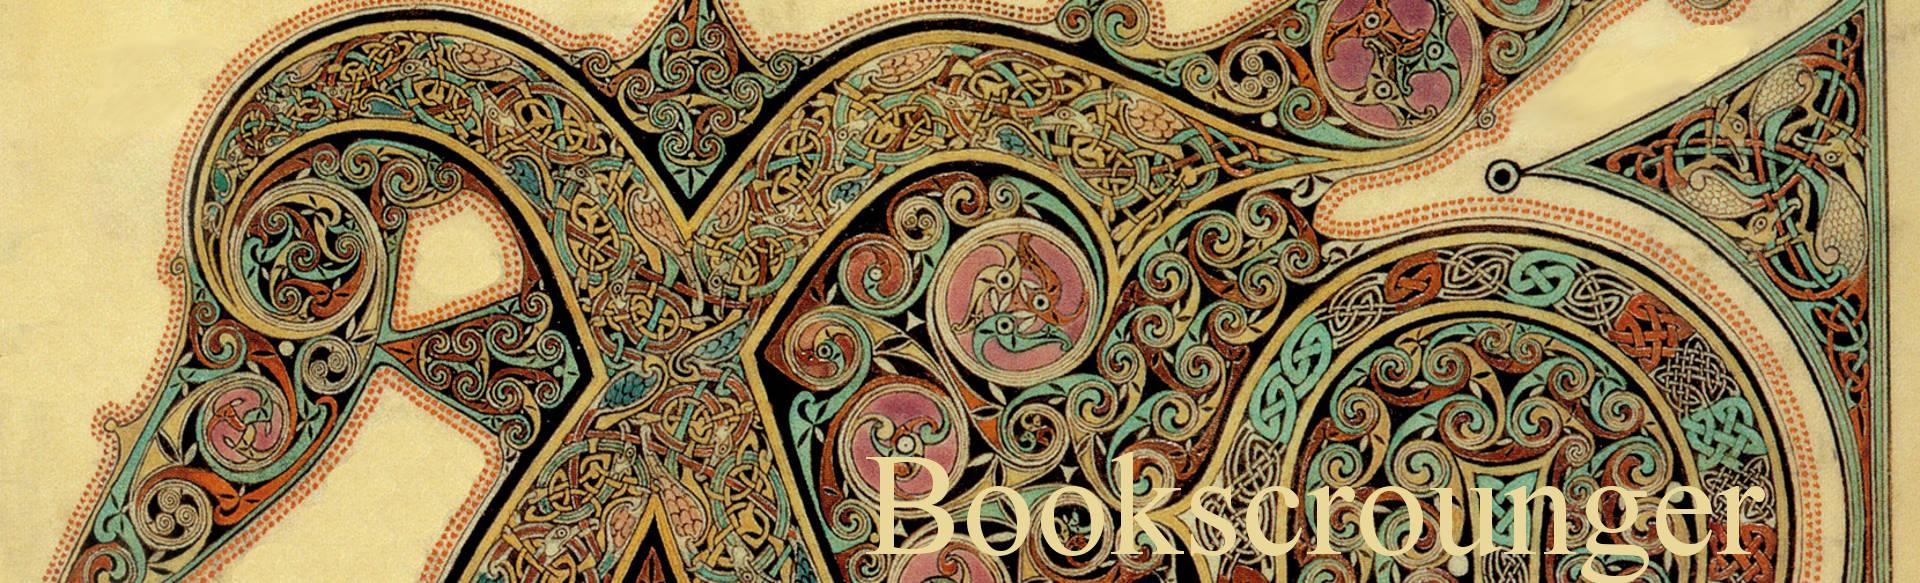 Bookscrounger.com